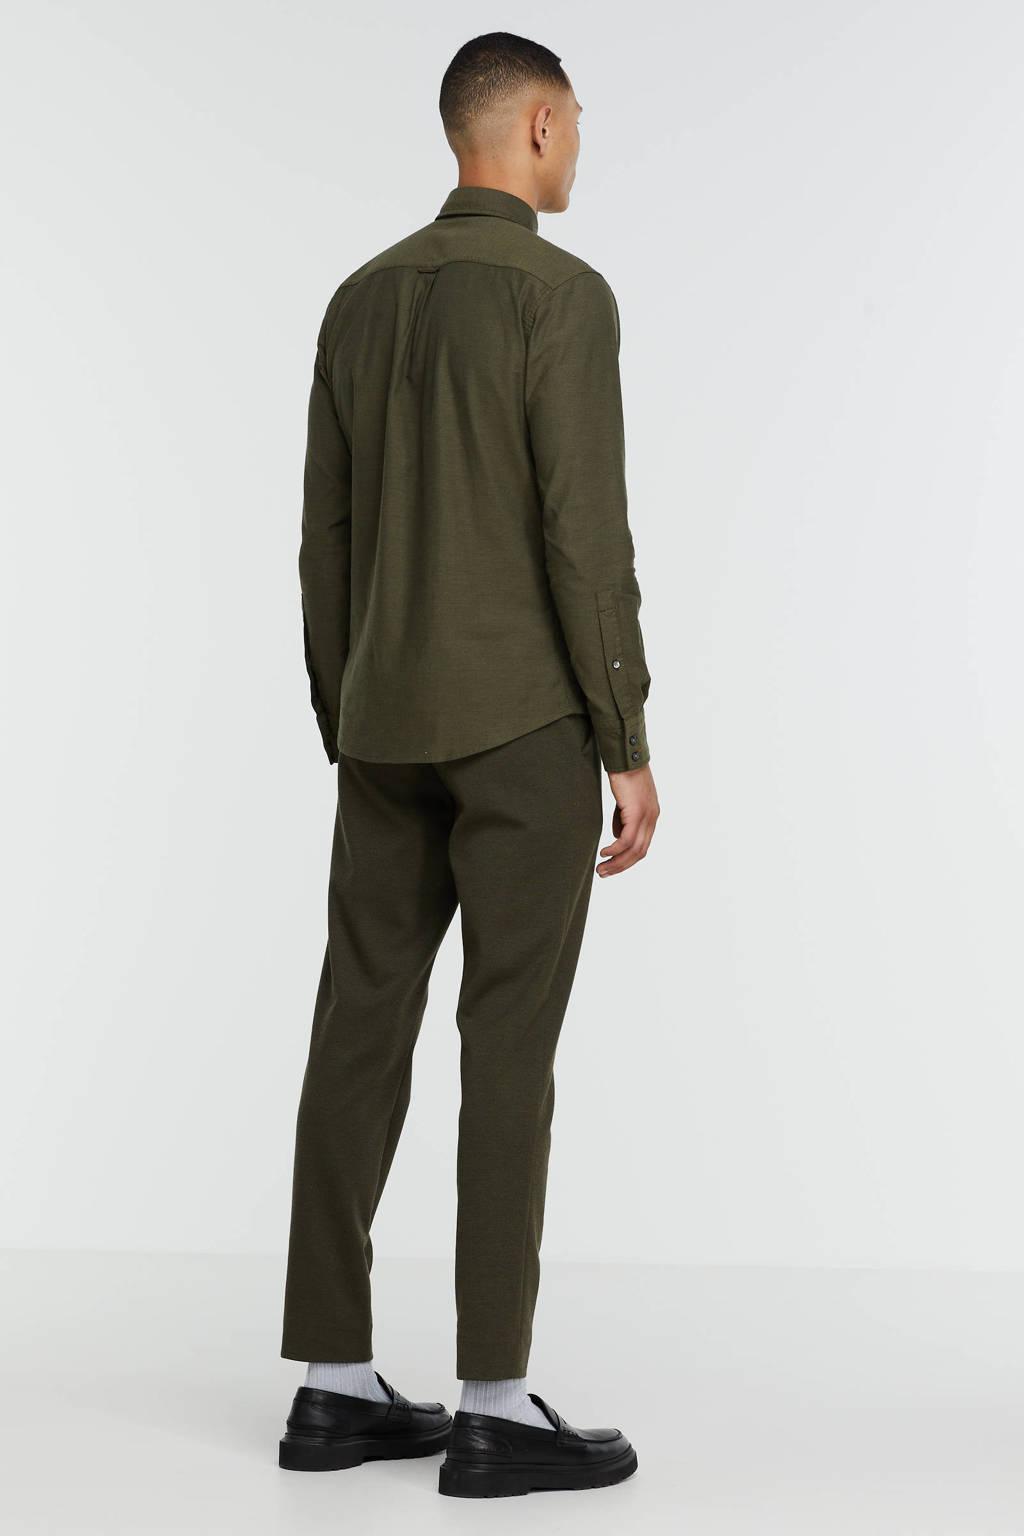 BOSS Casual regular fit overhemd Mabsoot 308 dark green, 308 Dark Green